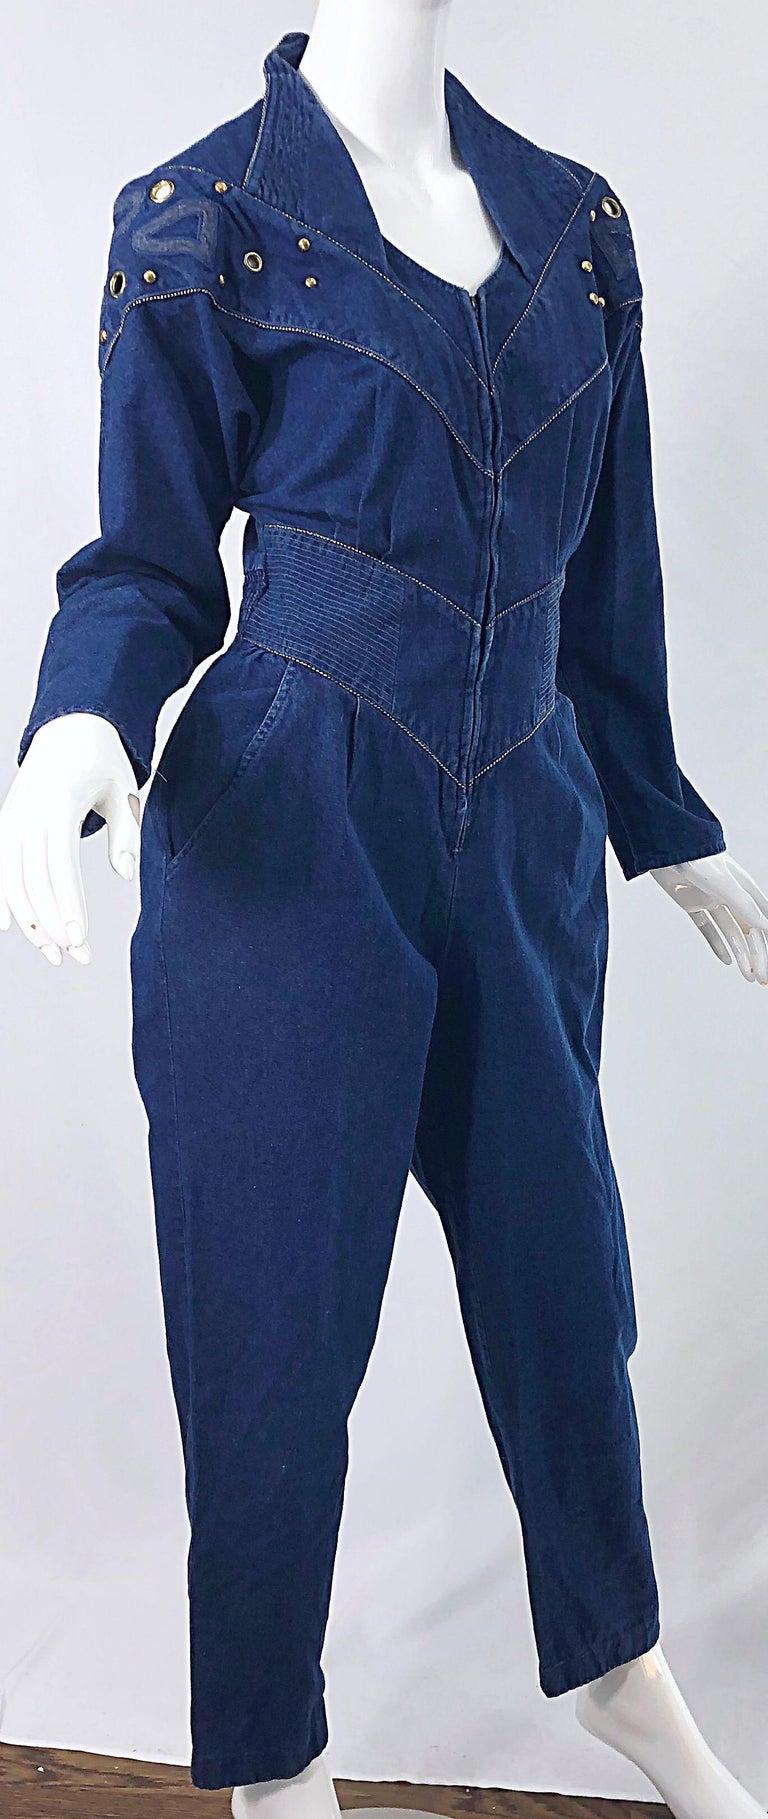 1980s Jillian Arthur Blue Jean Avant Garde Grommett Beaded Vintage 80s Jumpsuit For Sale 4